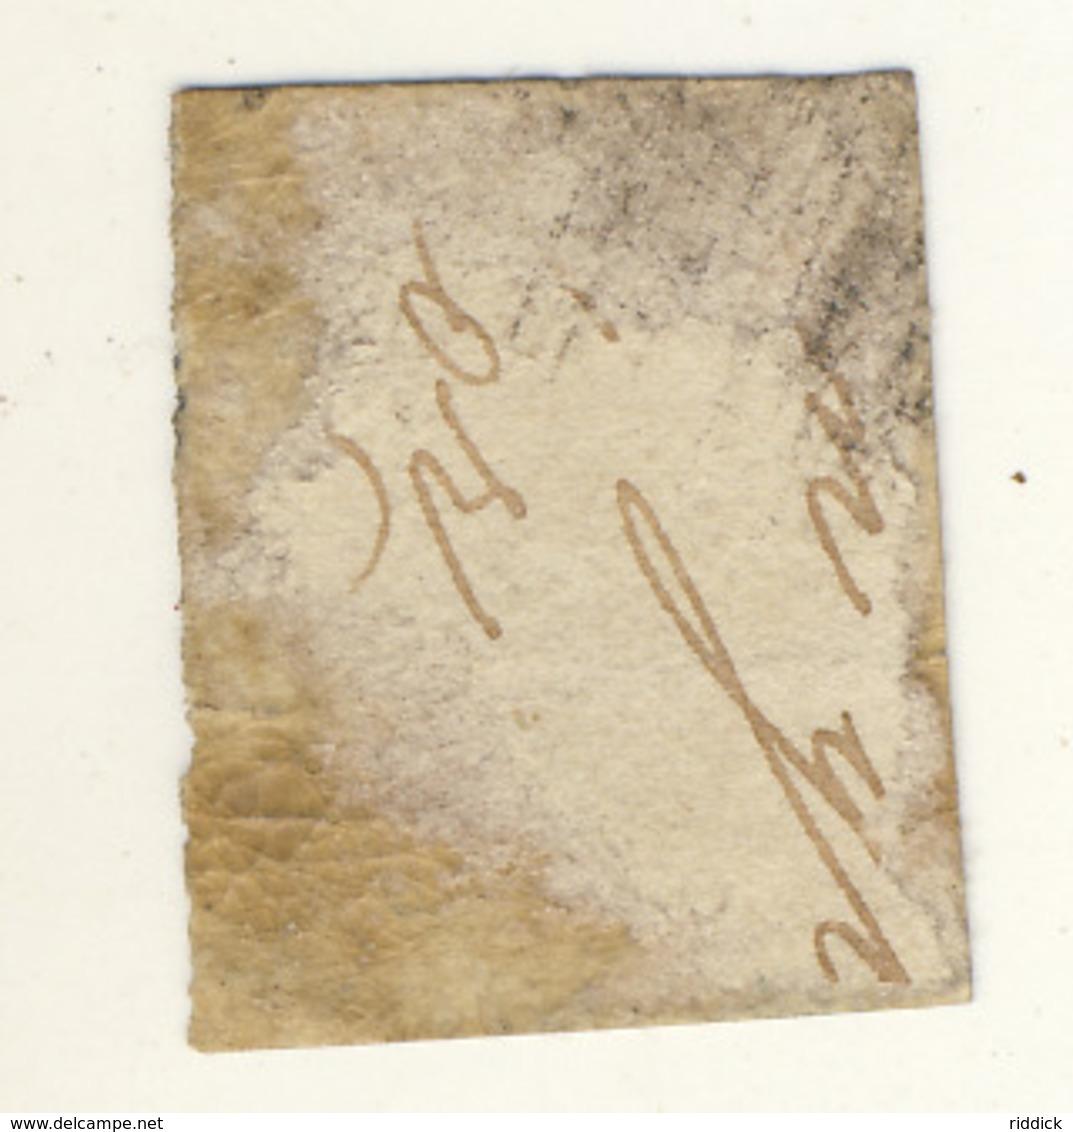 Exceptionnel Bord De Feuille Daté 1851 Sur Médaillon 20 Centimes N° 7 MILLESIME 2 1851  Rrrr - 1851-1857 Medallions (6/8)